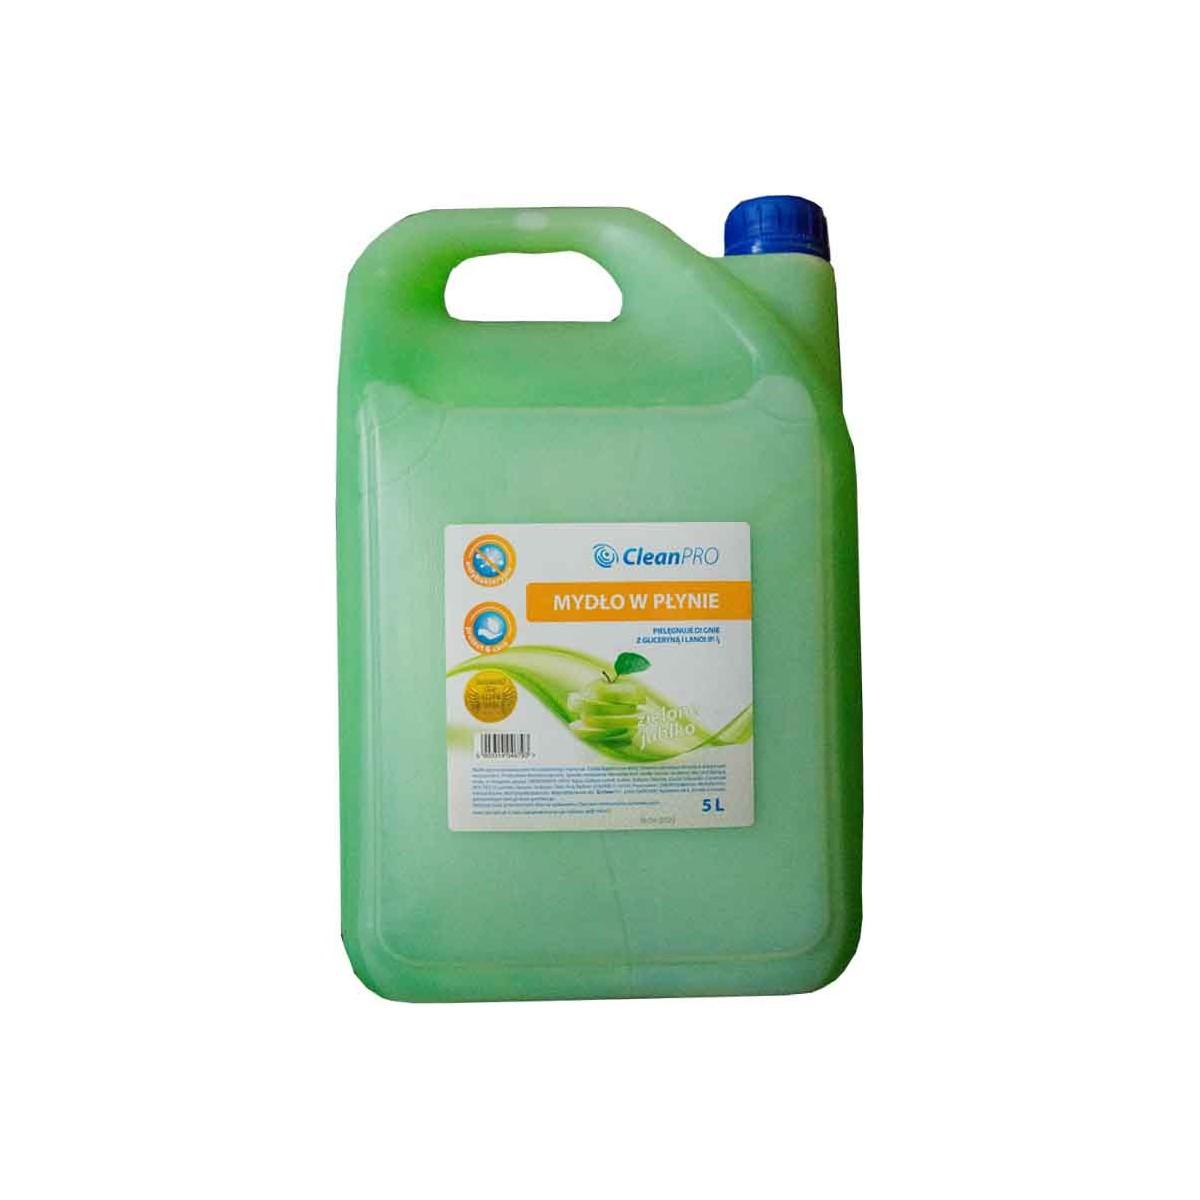 Mydło antybakteryjne zielone 5L, CleanPRO Mydło antybakteryjne zielone 5L, CleanPRO